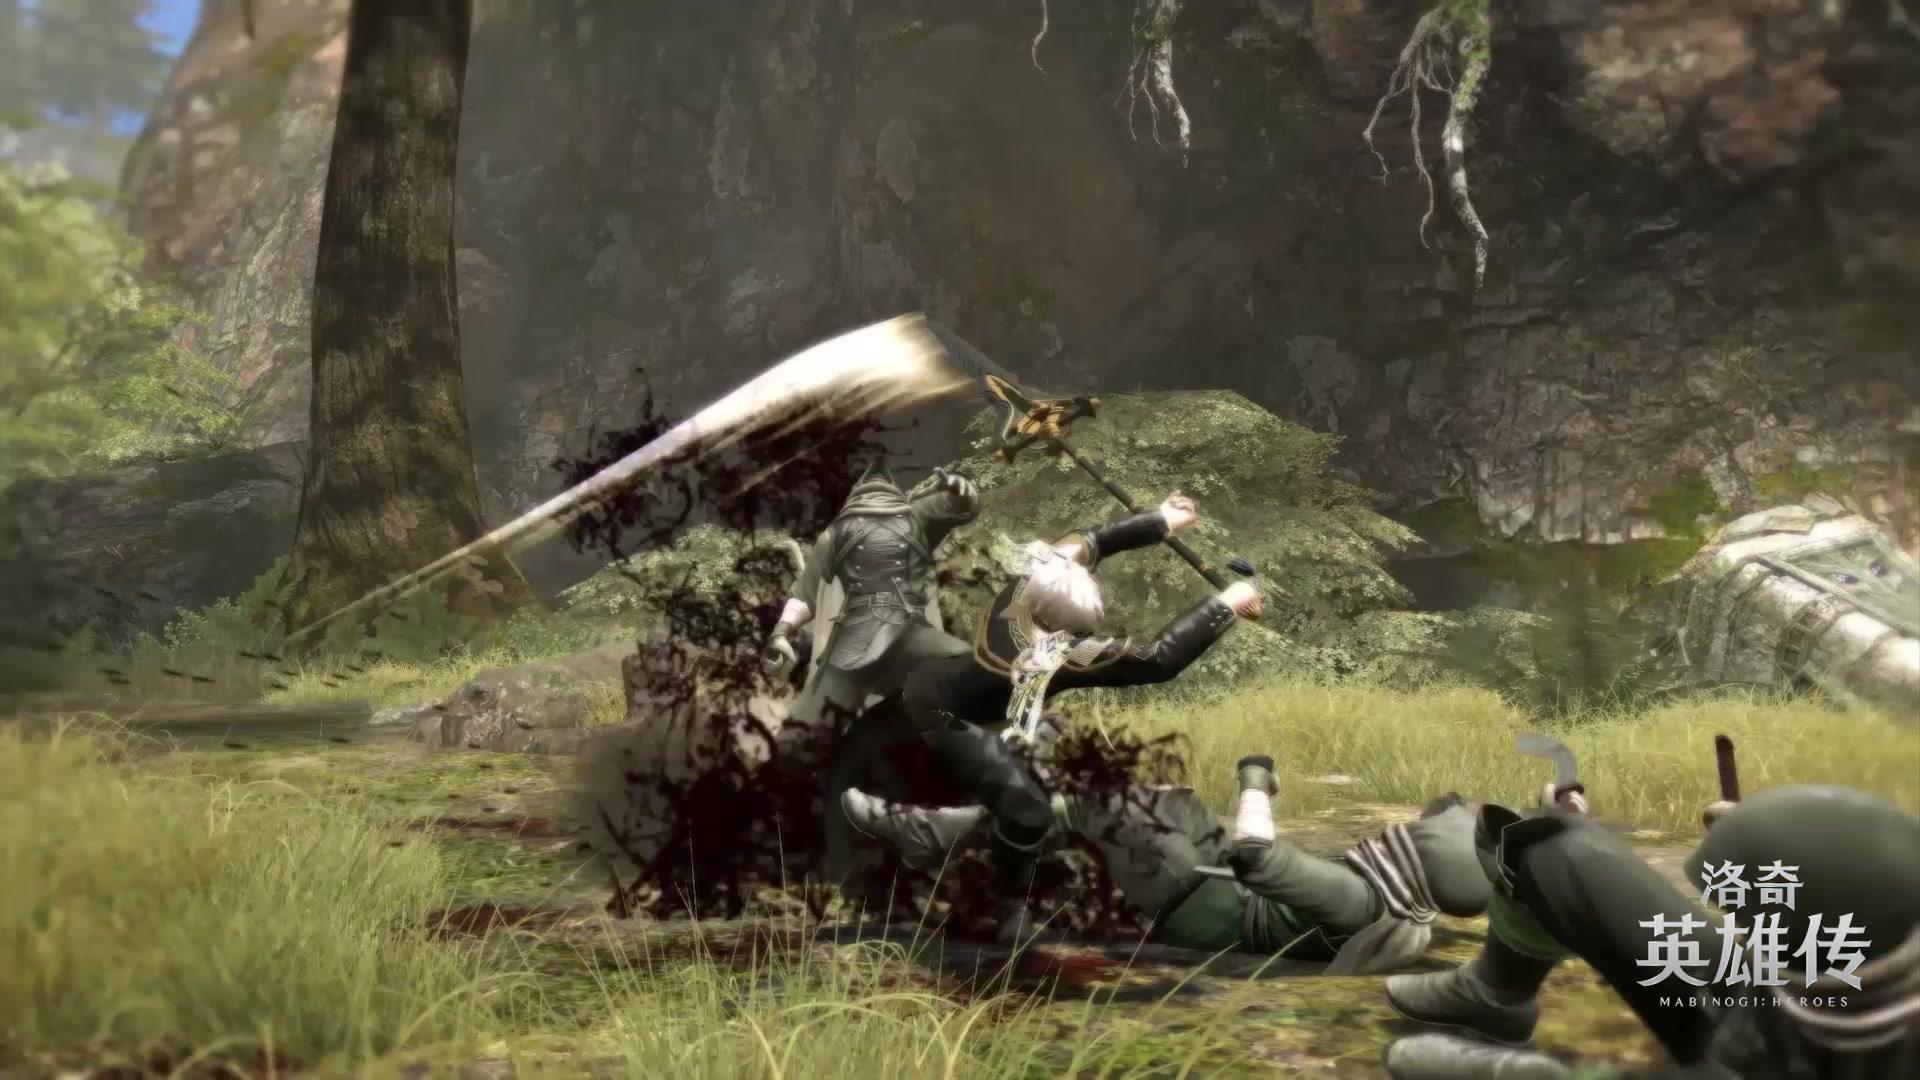 剑矛!冲锋!《洛奇英雄传》新角色铠尔实战展示